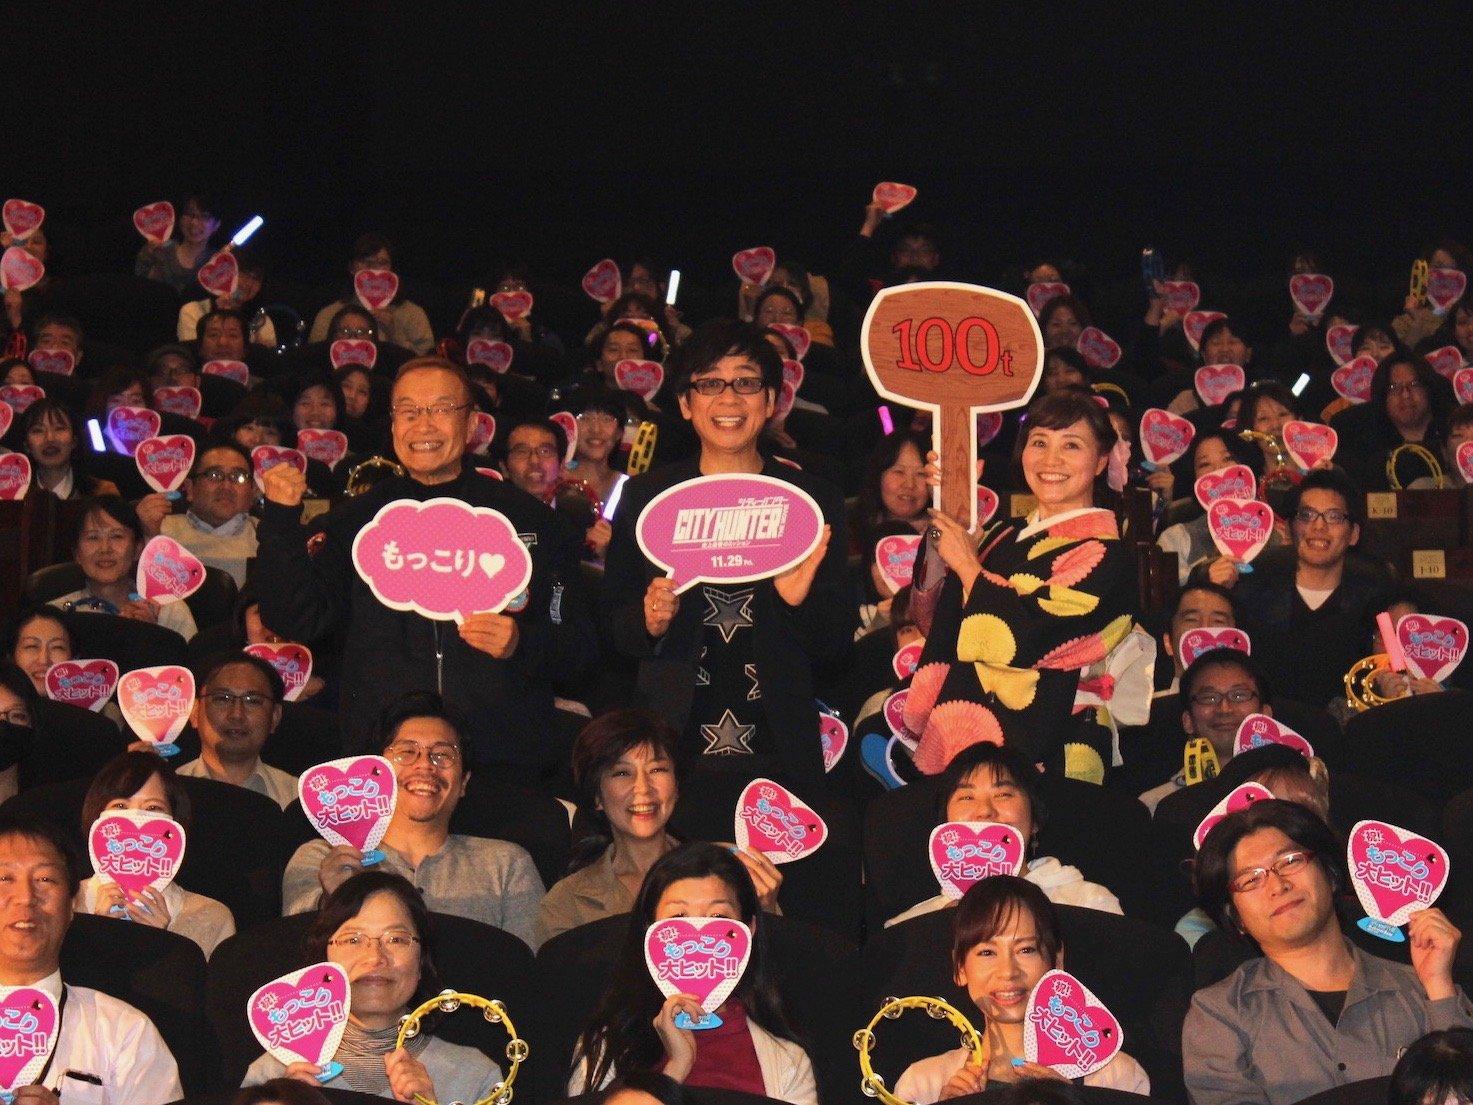 神谷明が実写『シティハンター』山寺宏一のリョウ役を絶賛!「最初からこの声だったんだ」の画像004